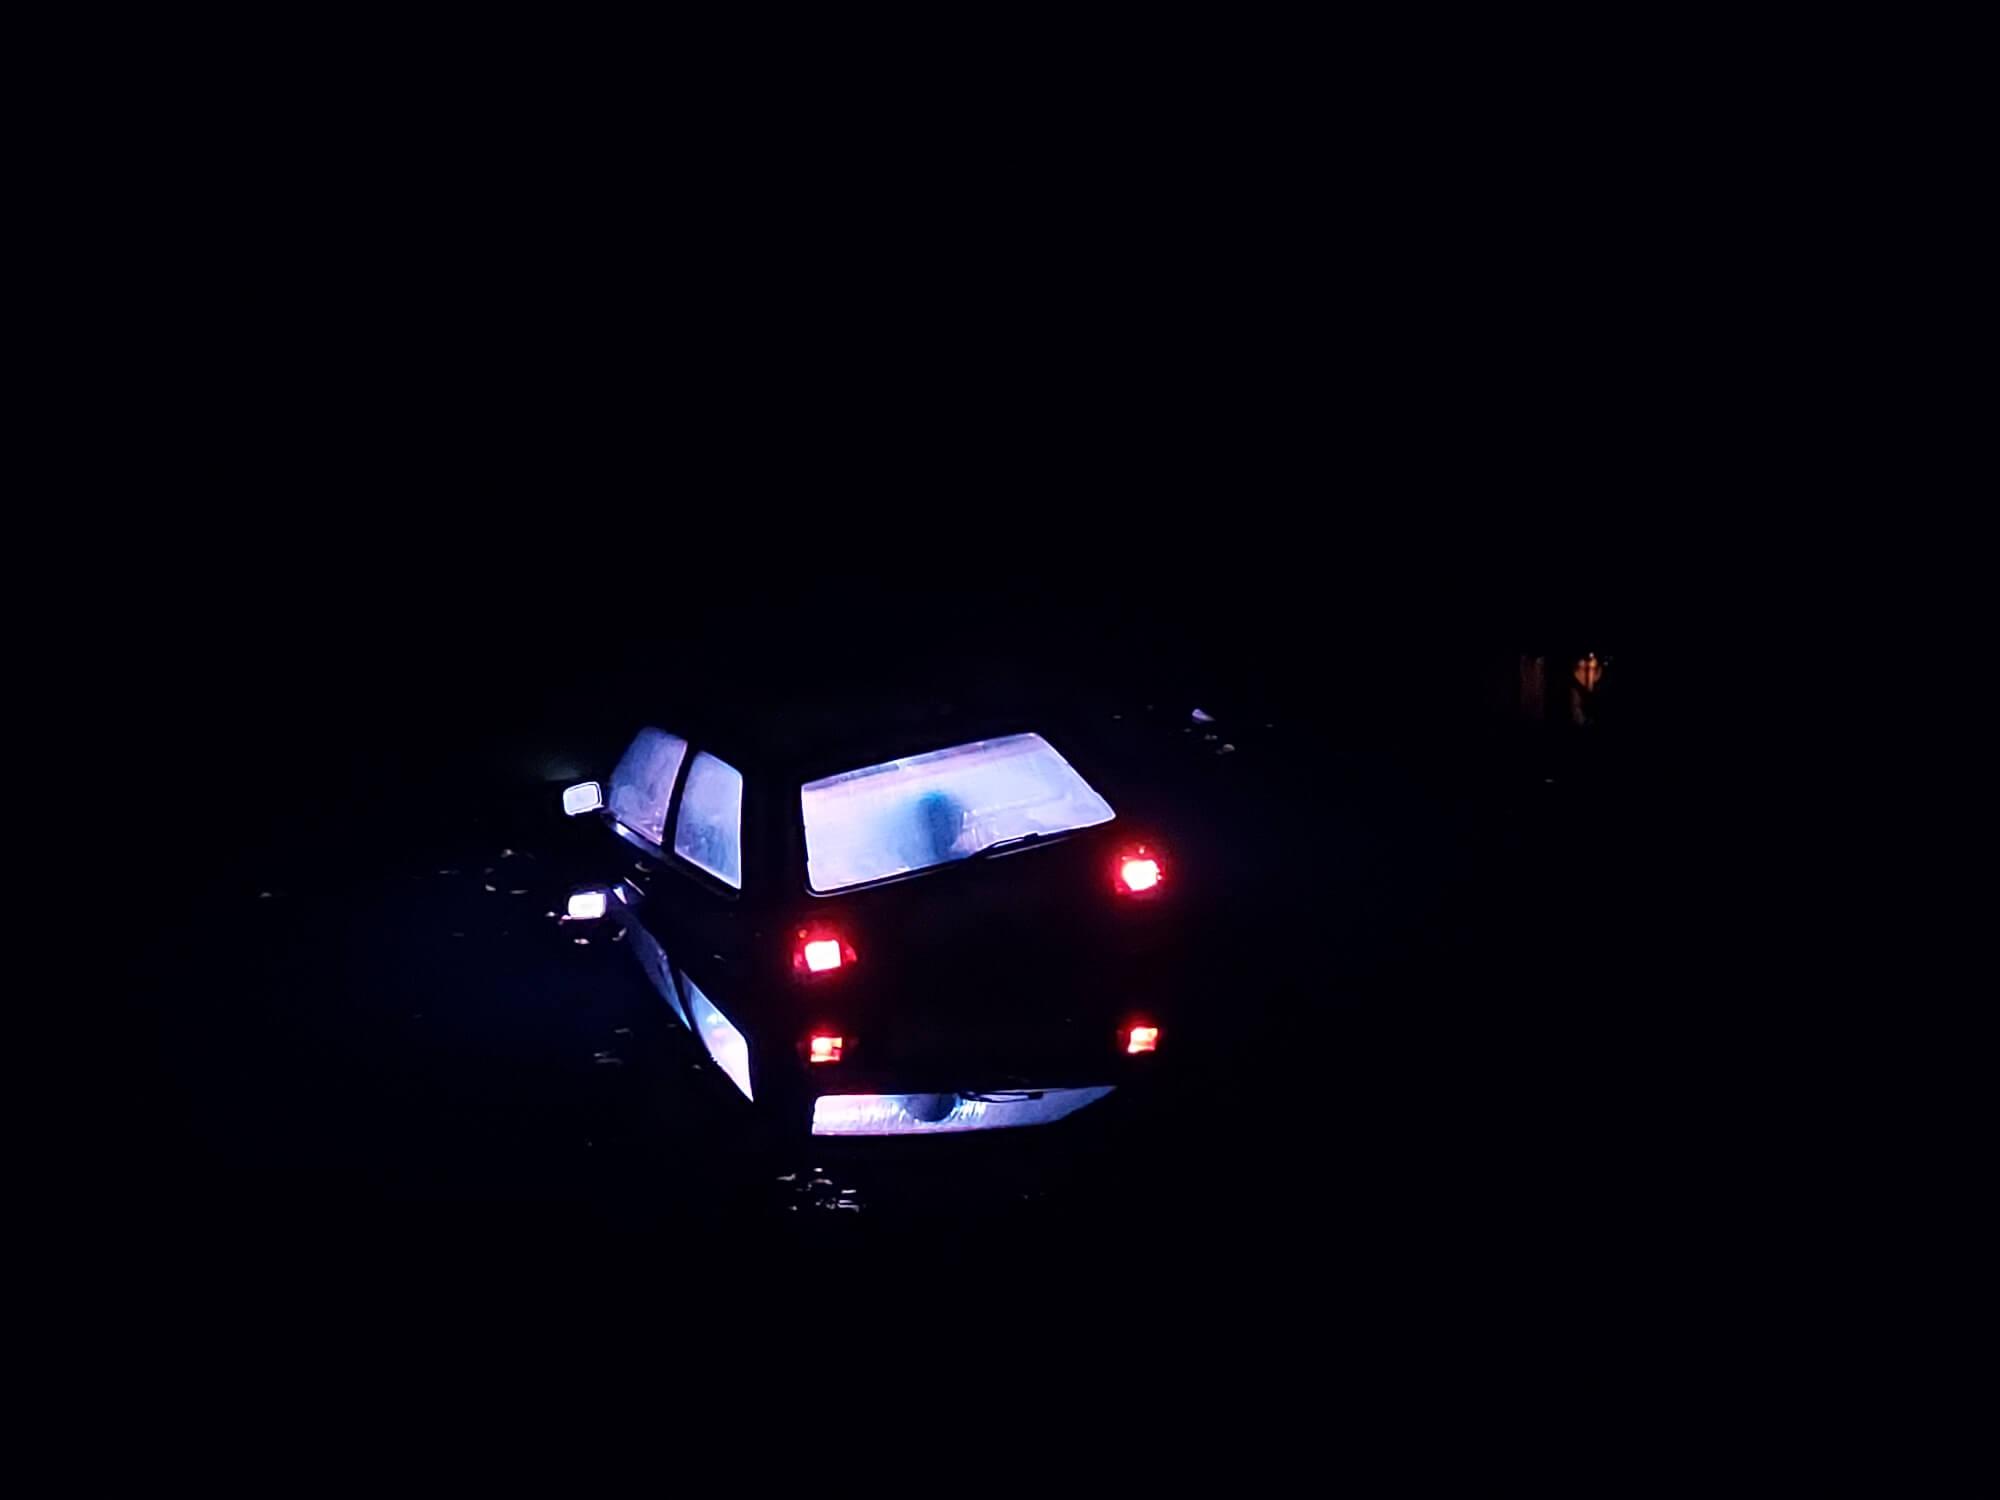 Ein im Wasser versenktes Auto, aus dem Techno-Musik drang